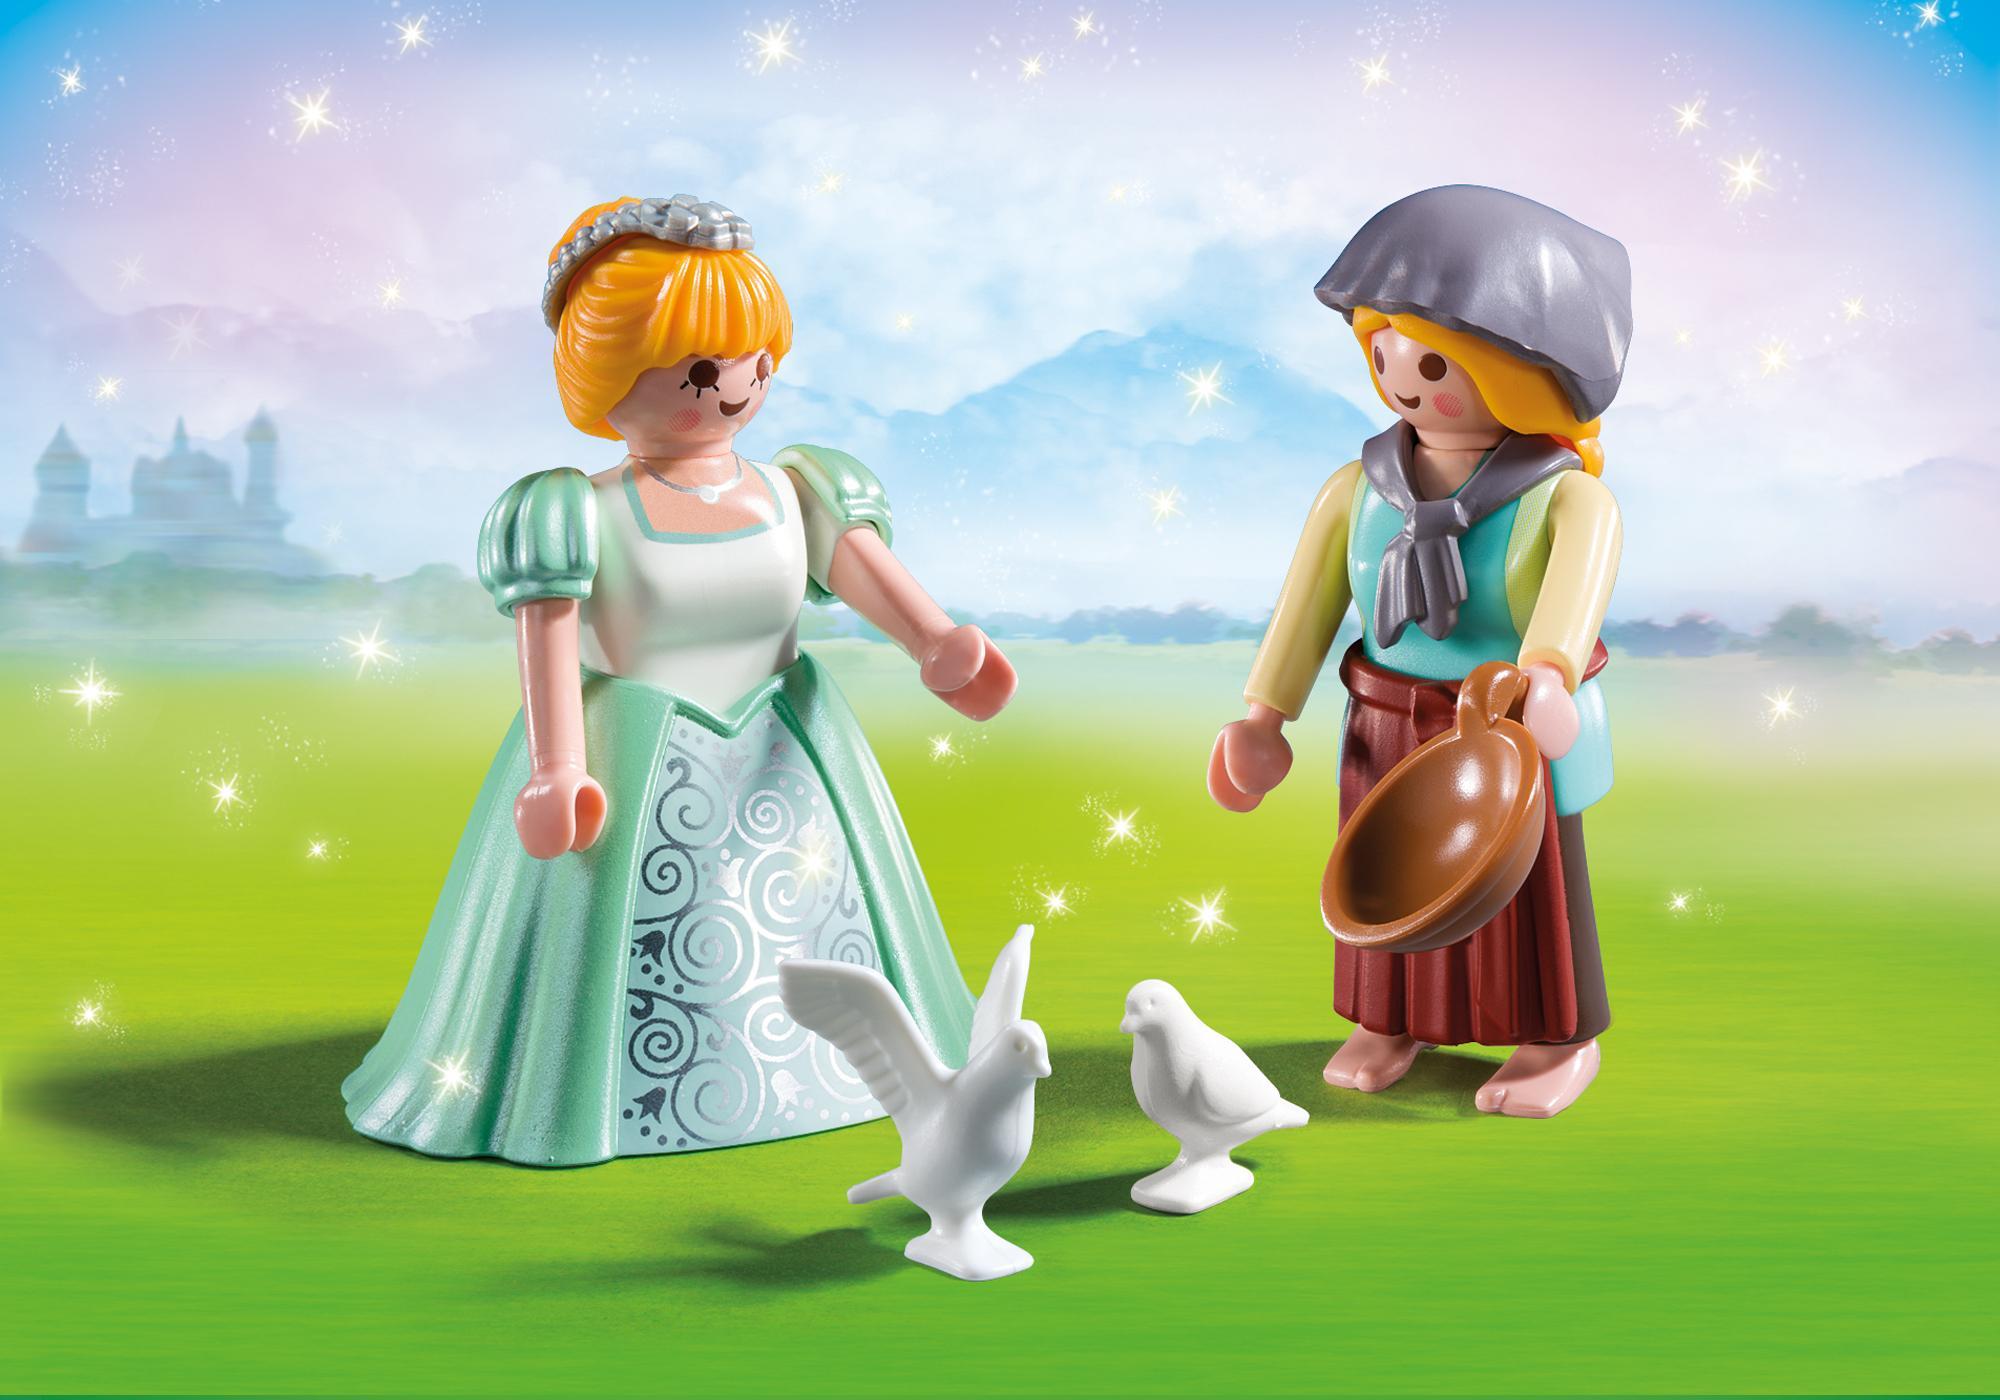 http://media.playmobil.com/i/playmobil/6843_product_detail/Duo Pack Princesa y Granjera